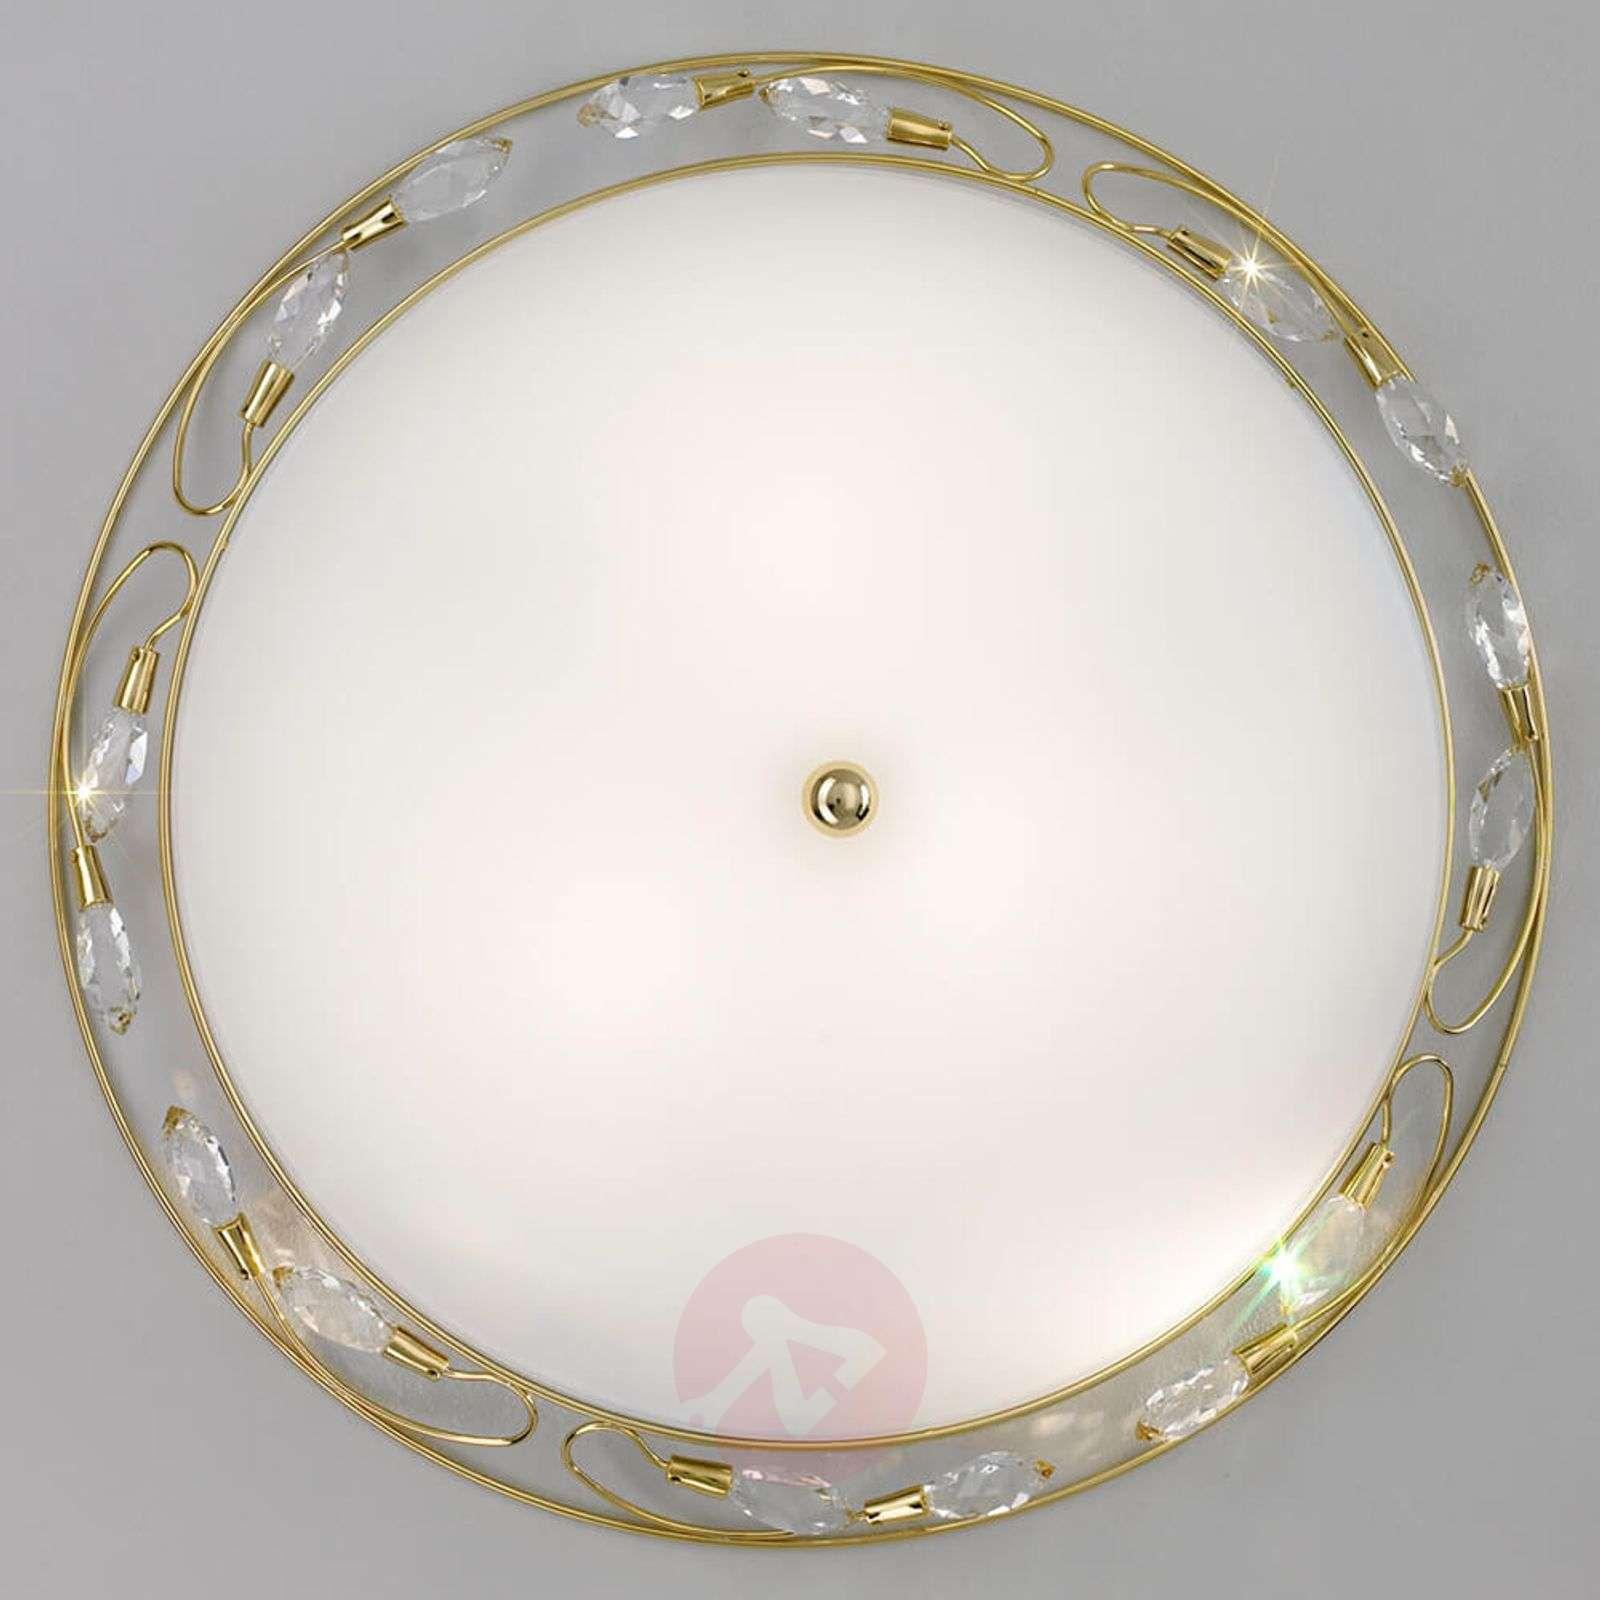 BELLISSIMA-kultakattovalaisin-5506126-01